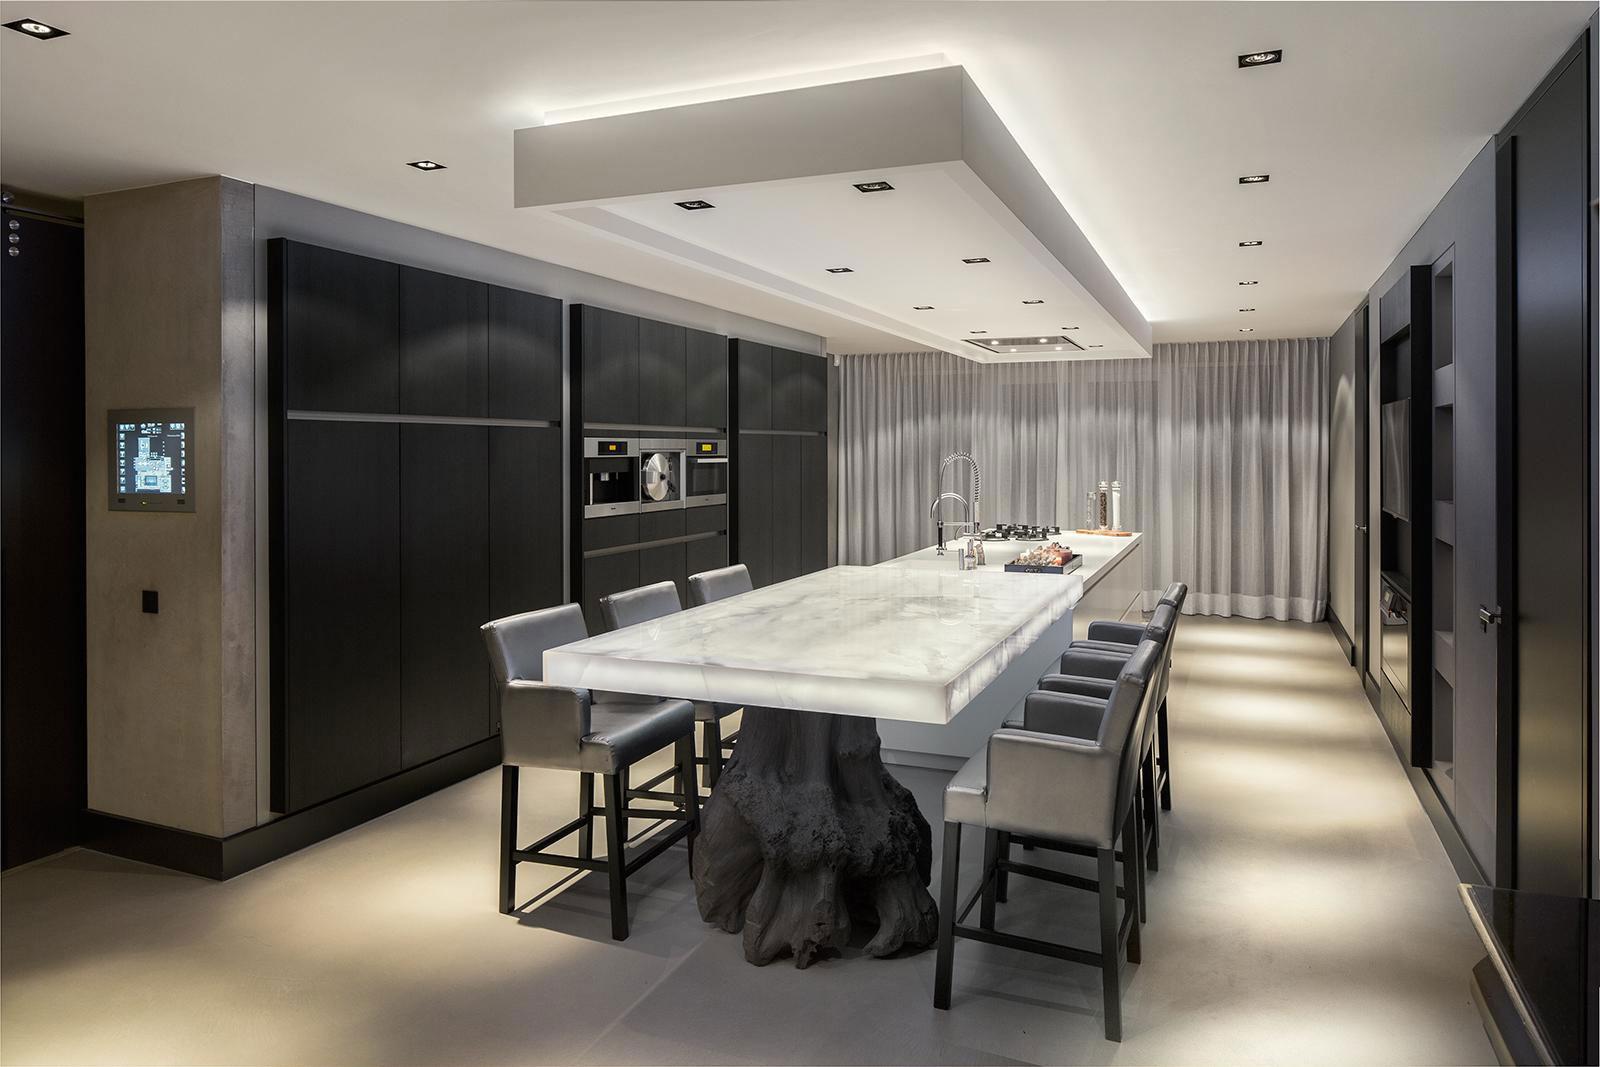 hyggeligt-home-interiør-øko-glam-6-elektronik-køkken